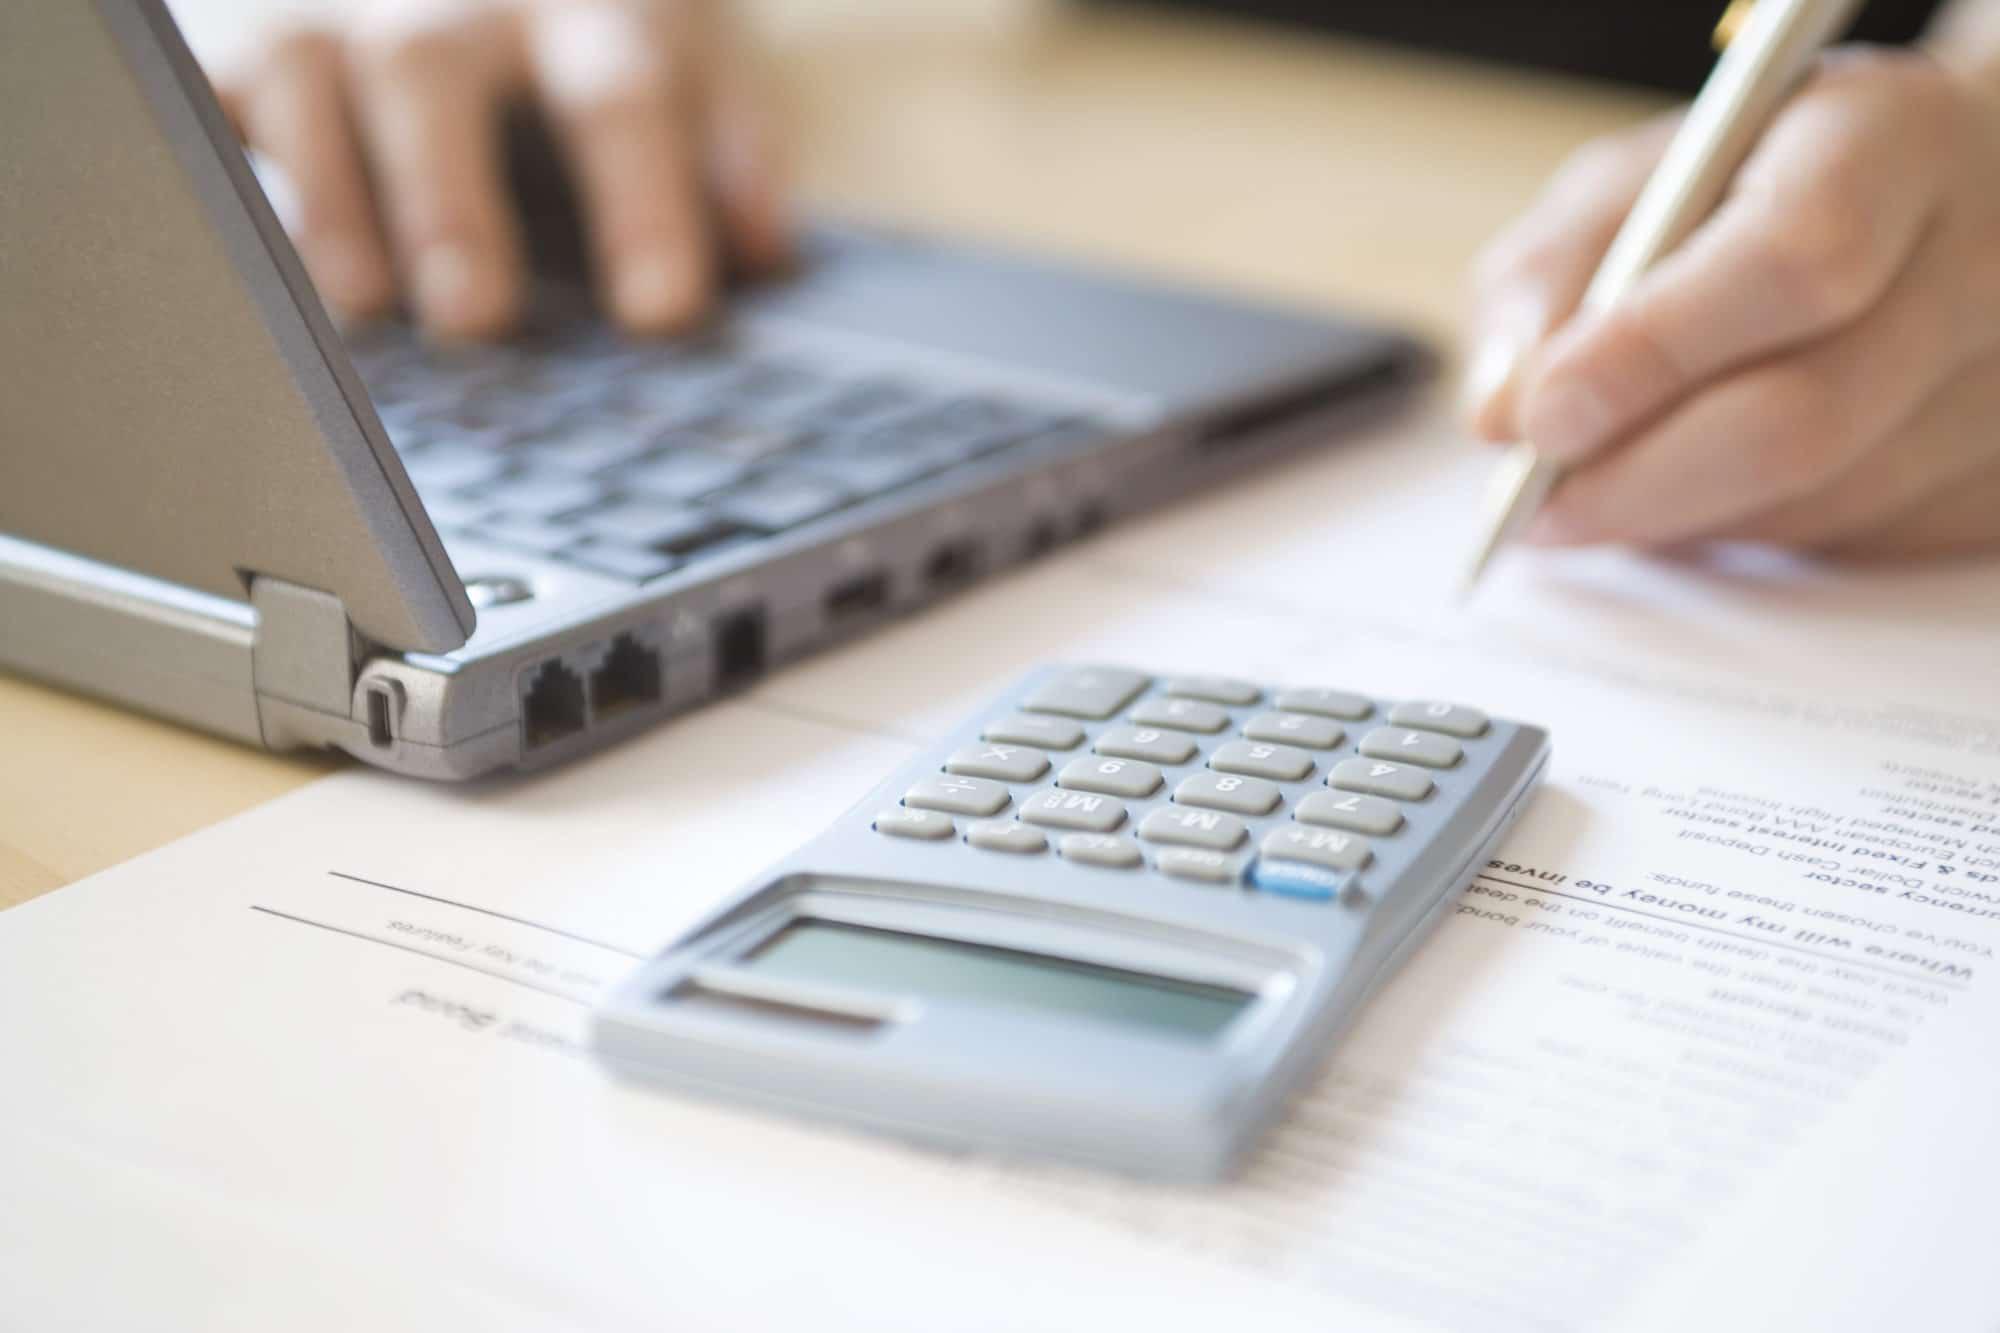 calcul des impôts